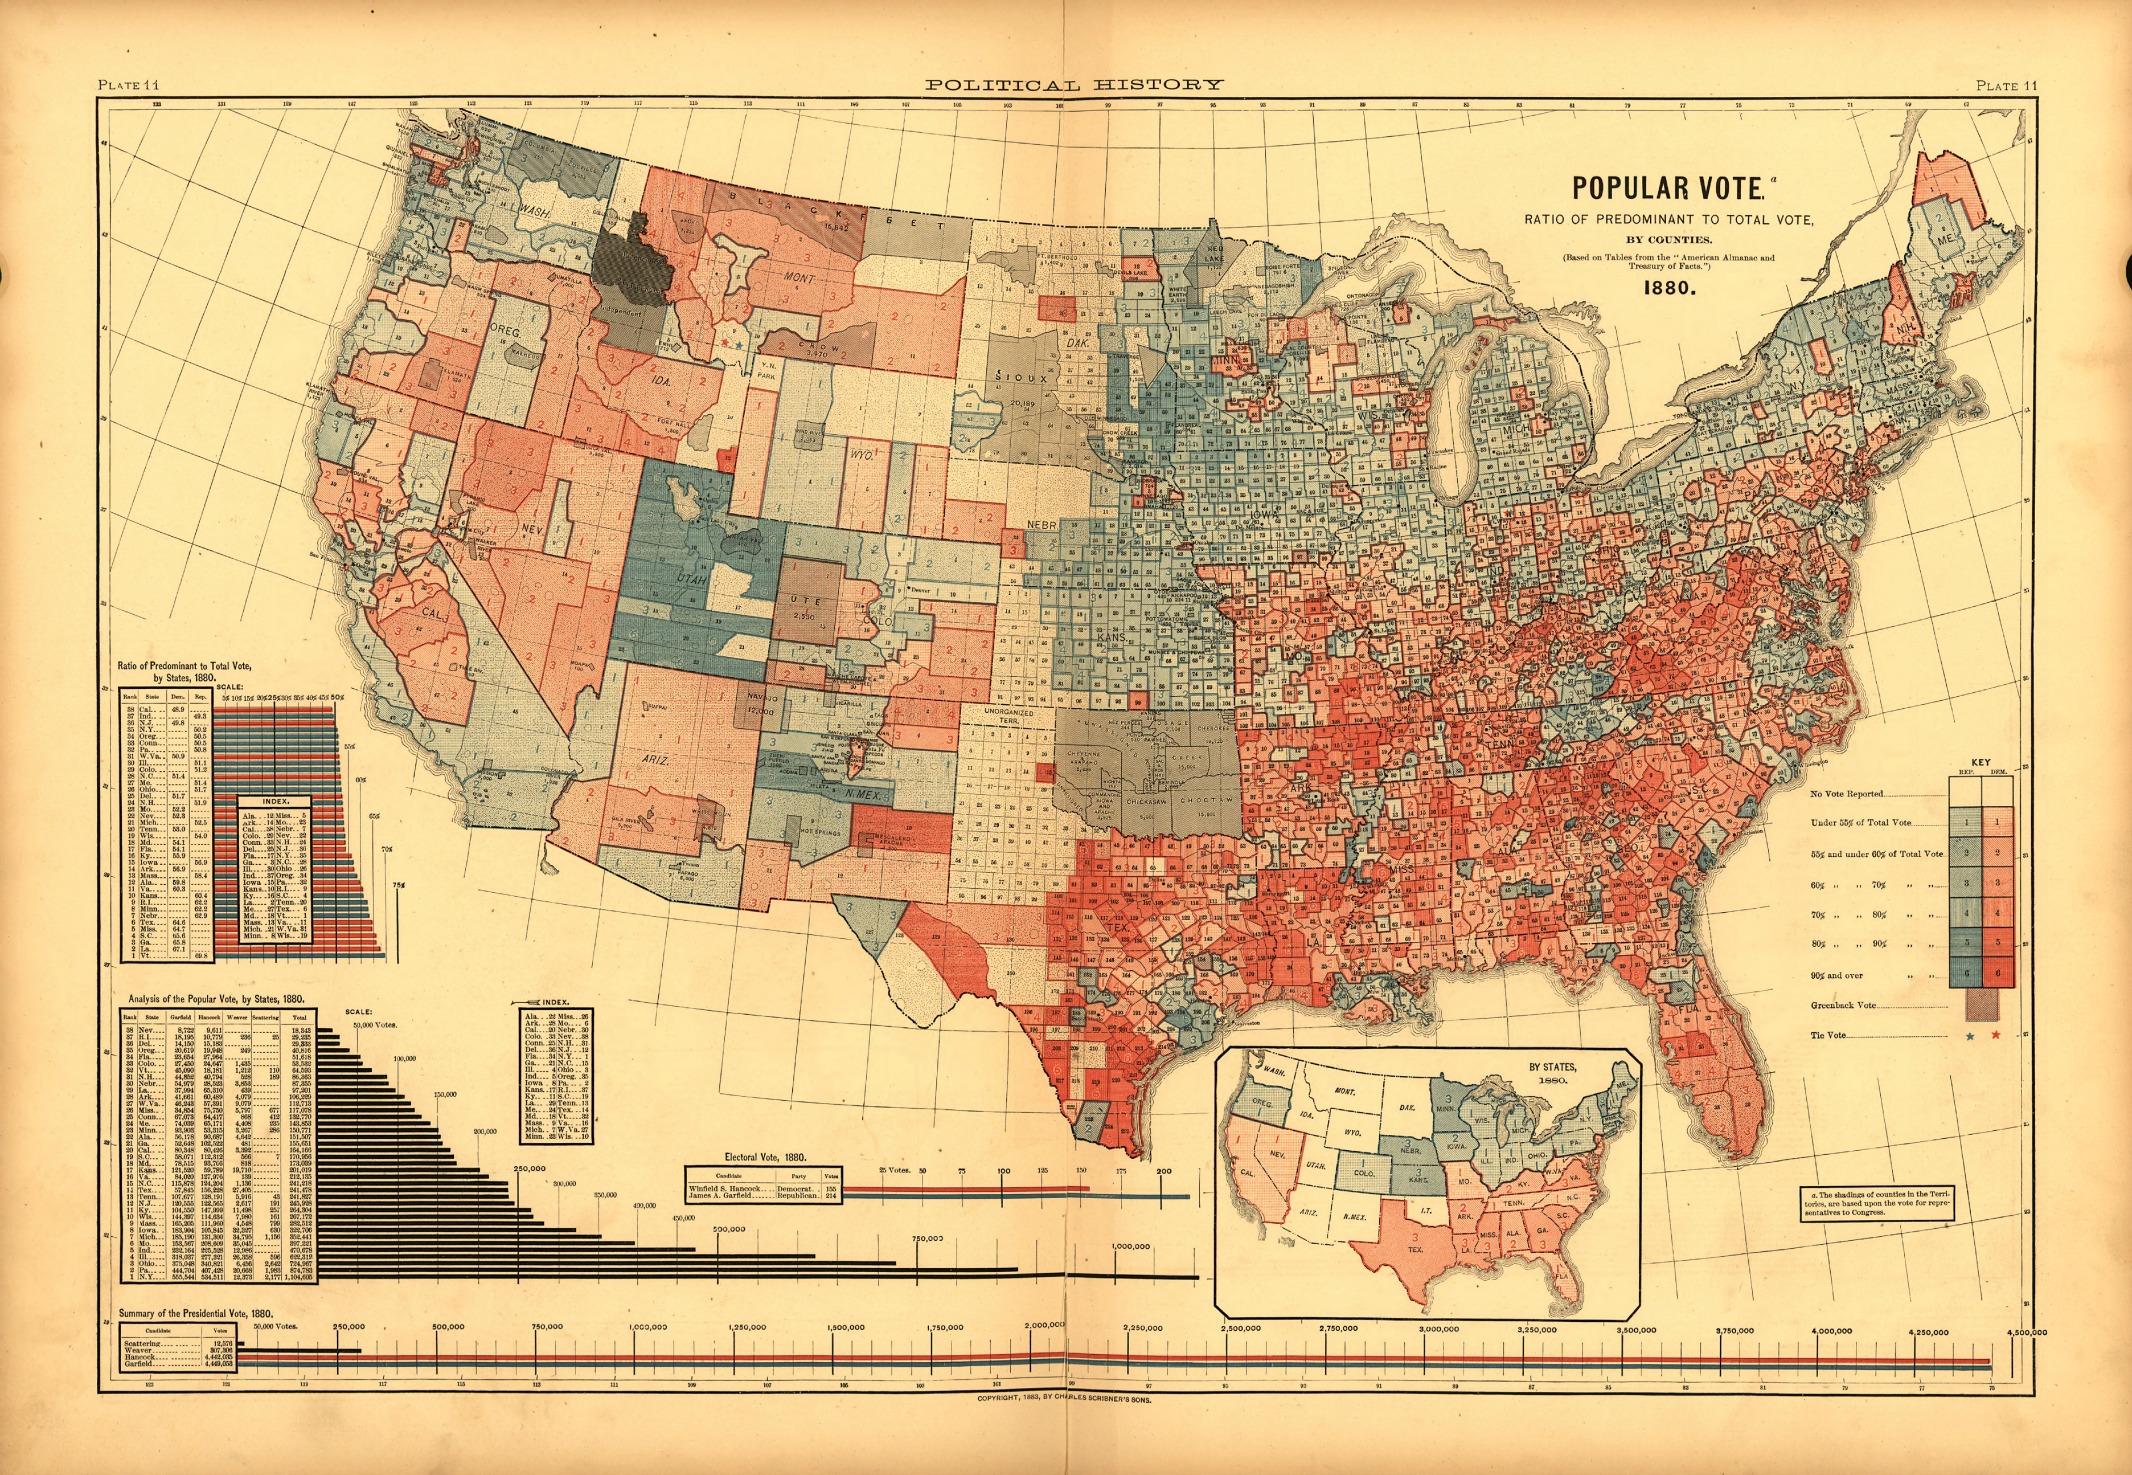 Rysunek 2. Mapa przedstawiająca wyniki wyborów prezydenckich w 1880 r. w USA Źródło: http://www.mappingthenation.com/blog/the-nations-first-electoral-map/